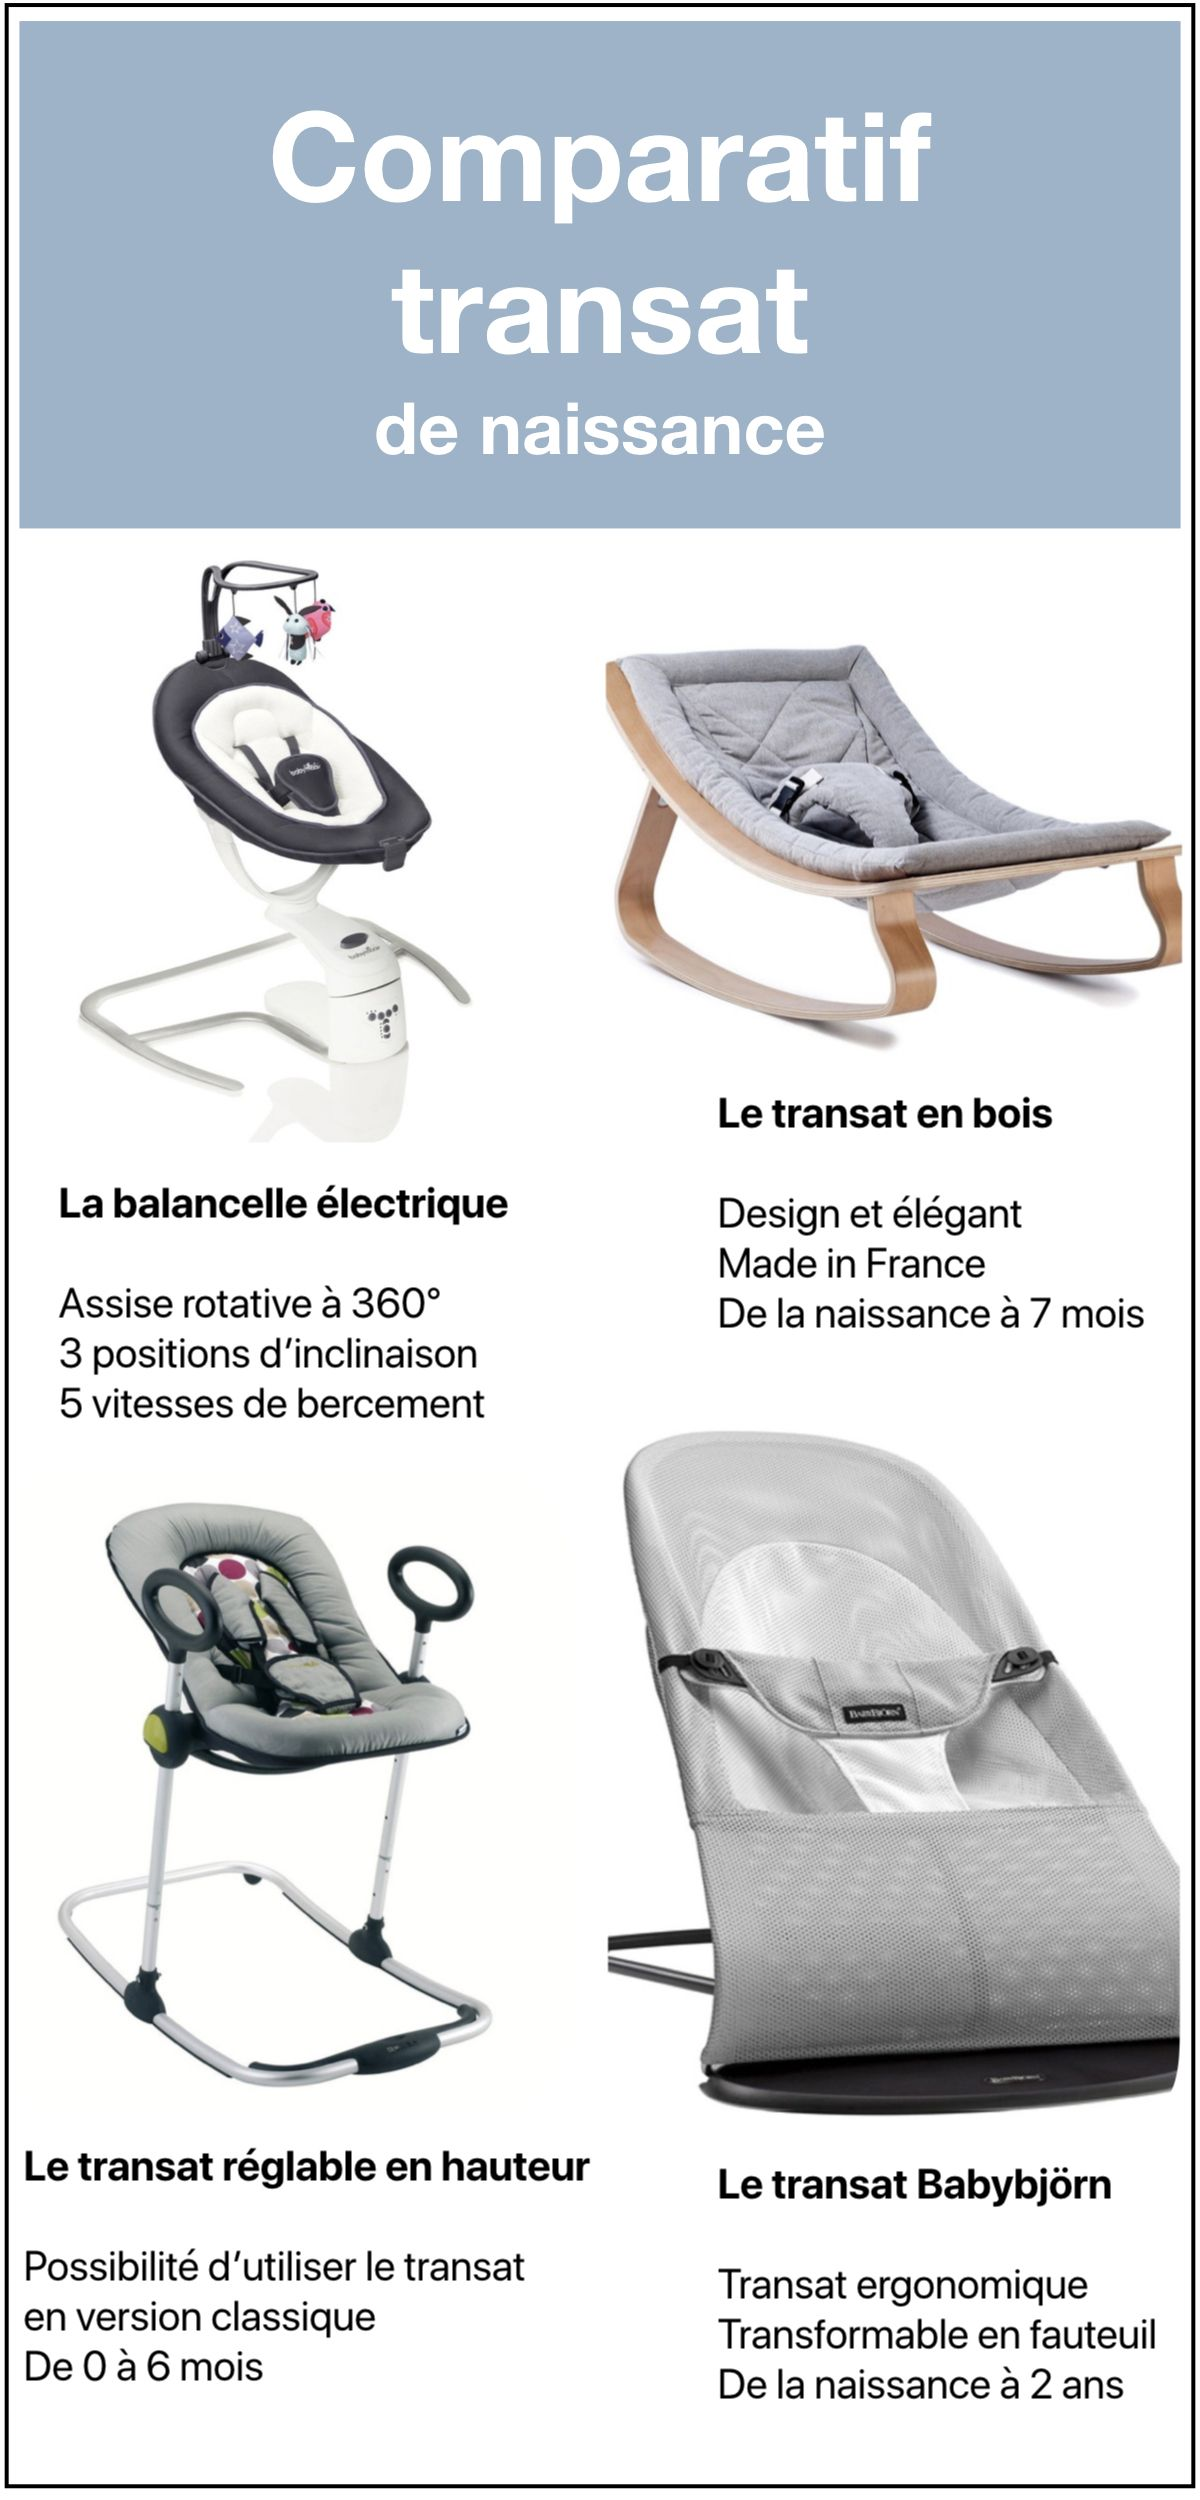 Les 10 Essentiels Pour Preparer L Arrivee De Bebe Clematc En 2020 Transat Babybjorn Balancelle Bebe Idee Cadeau Bebe